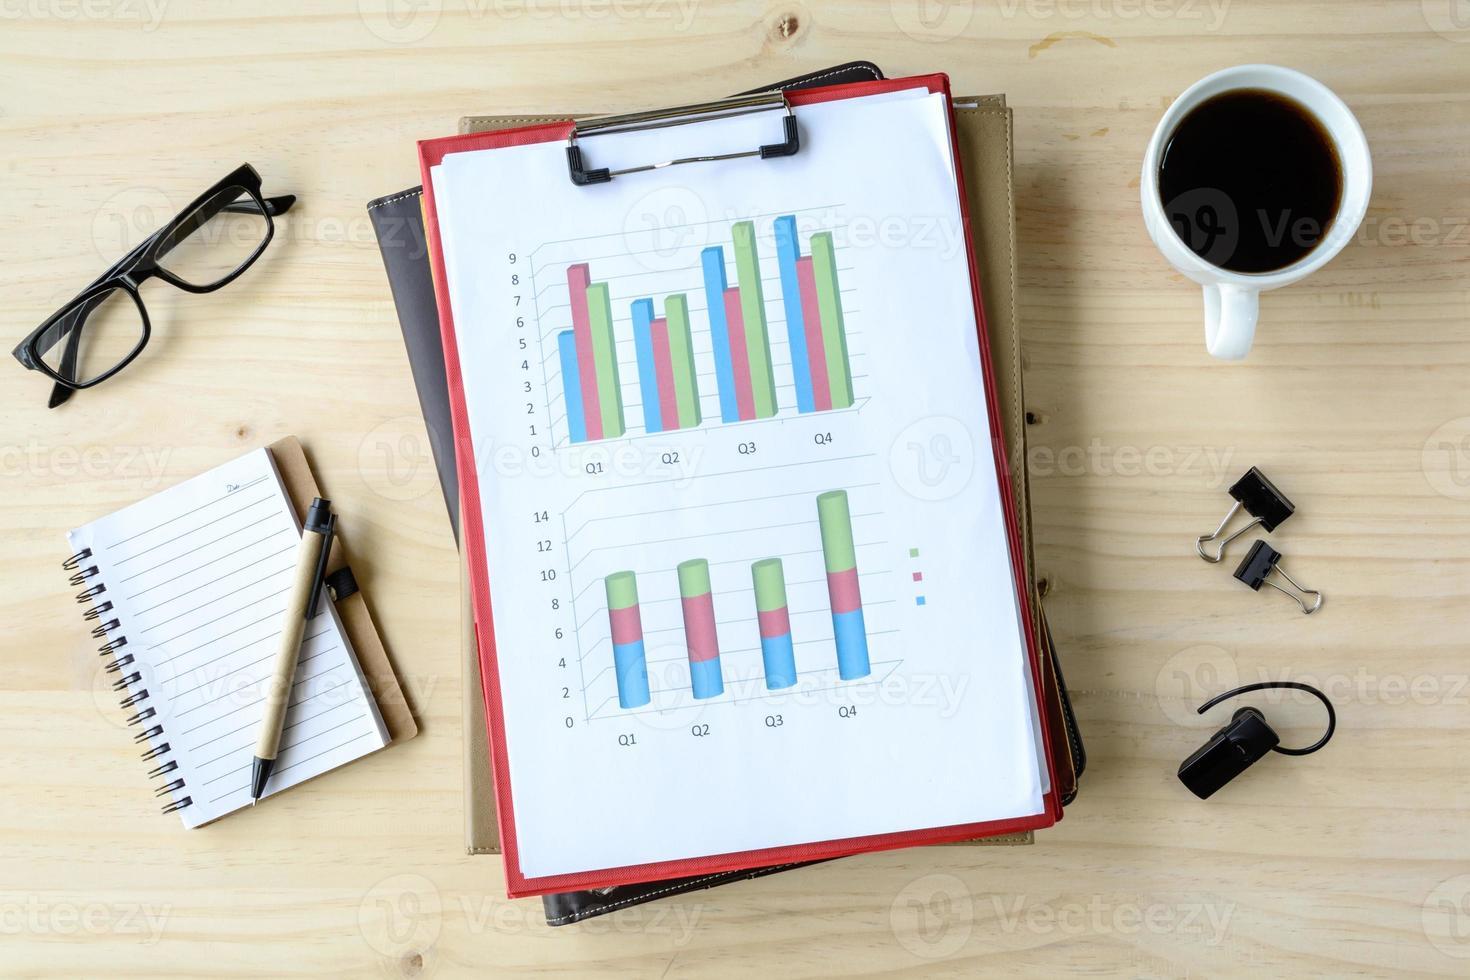 Desk Office Business Finanzdiagramm Analyse mit Laptop foto